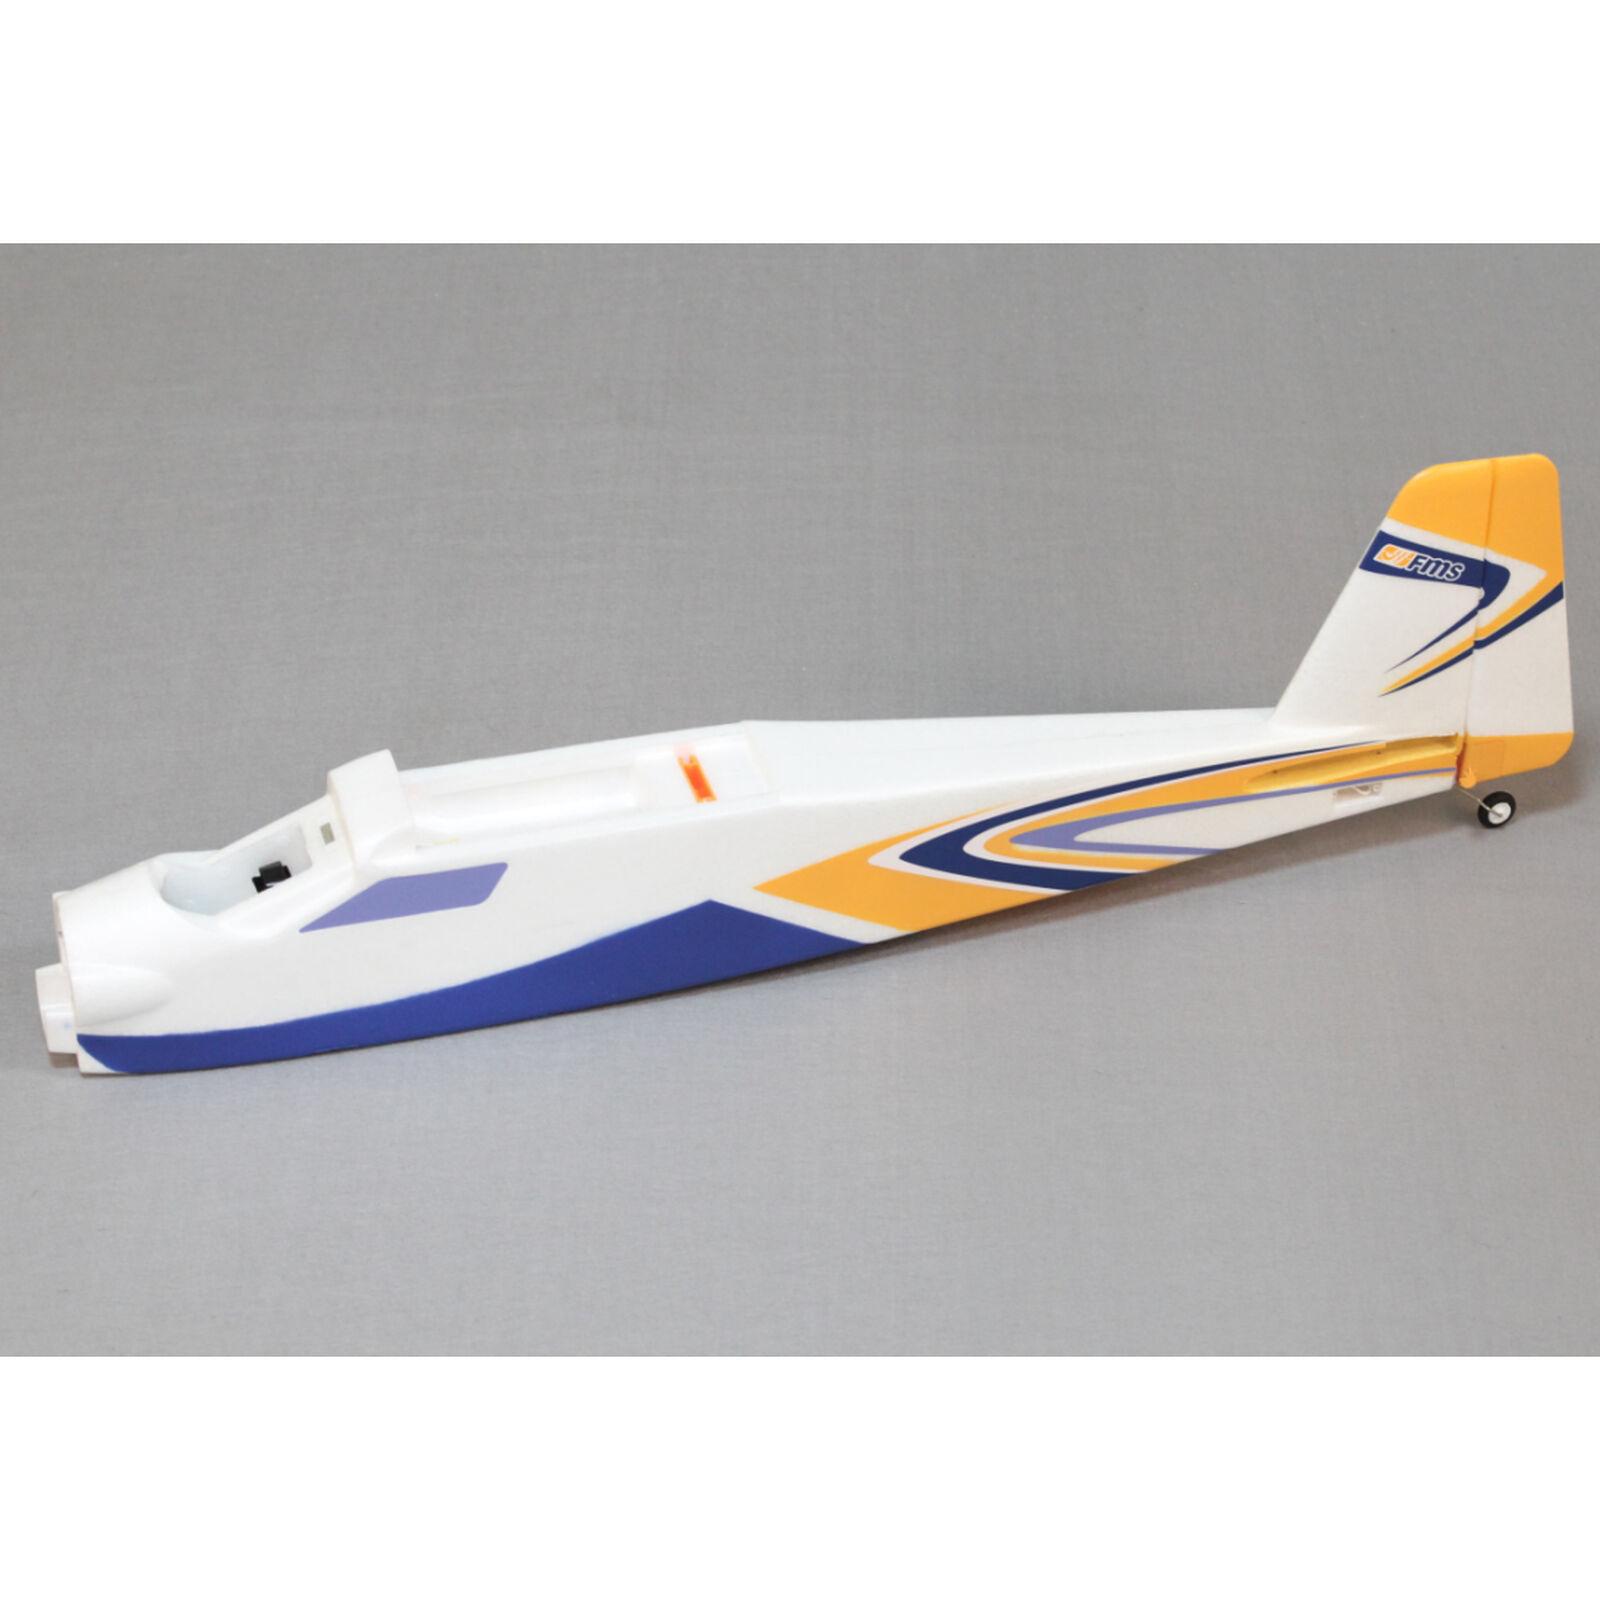 Fuselage: Super EZ 1220mm V3